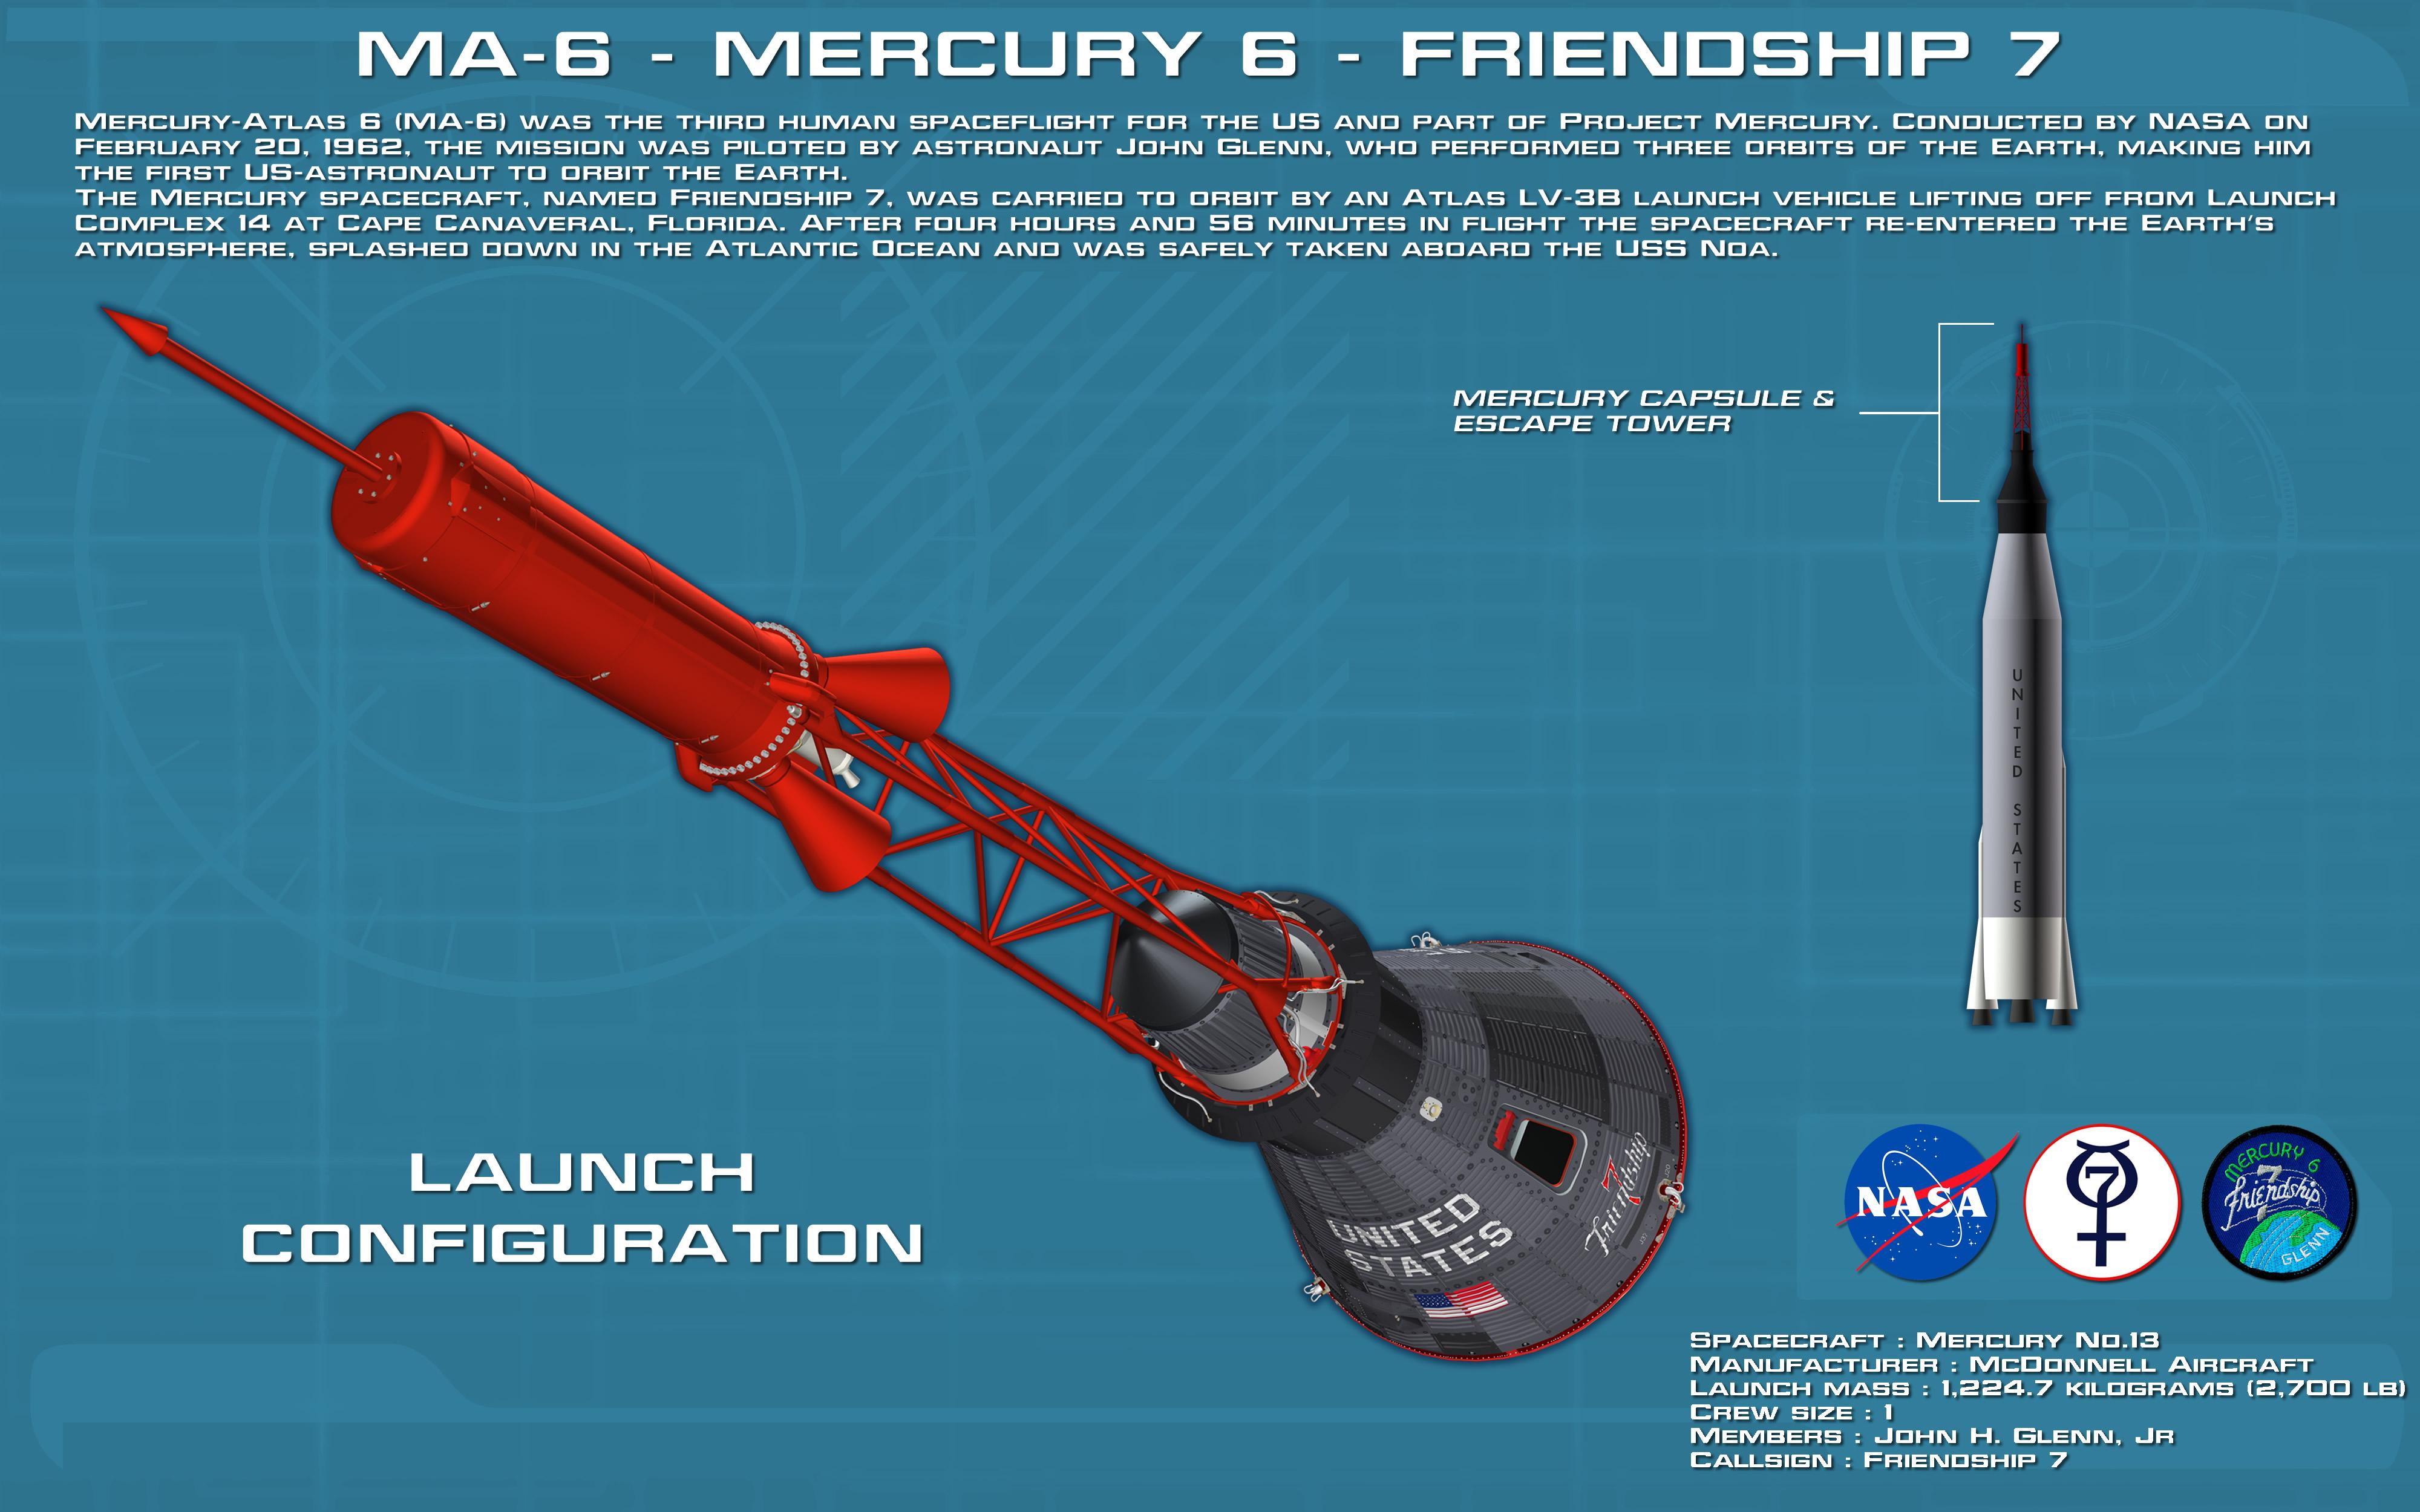 friendship 7 spacecraft take off - photo #29